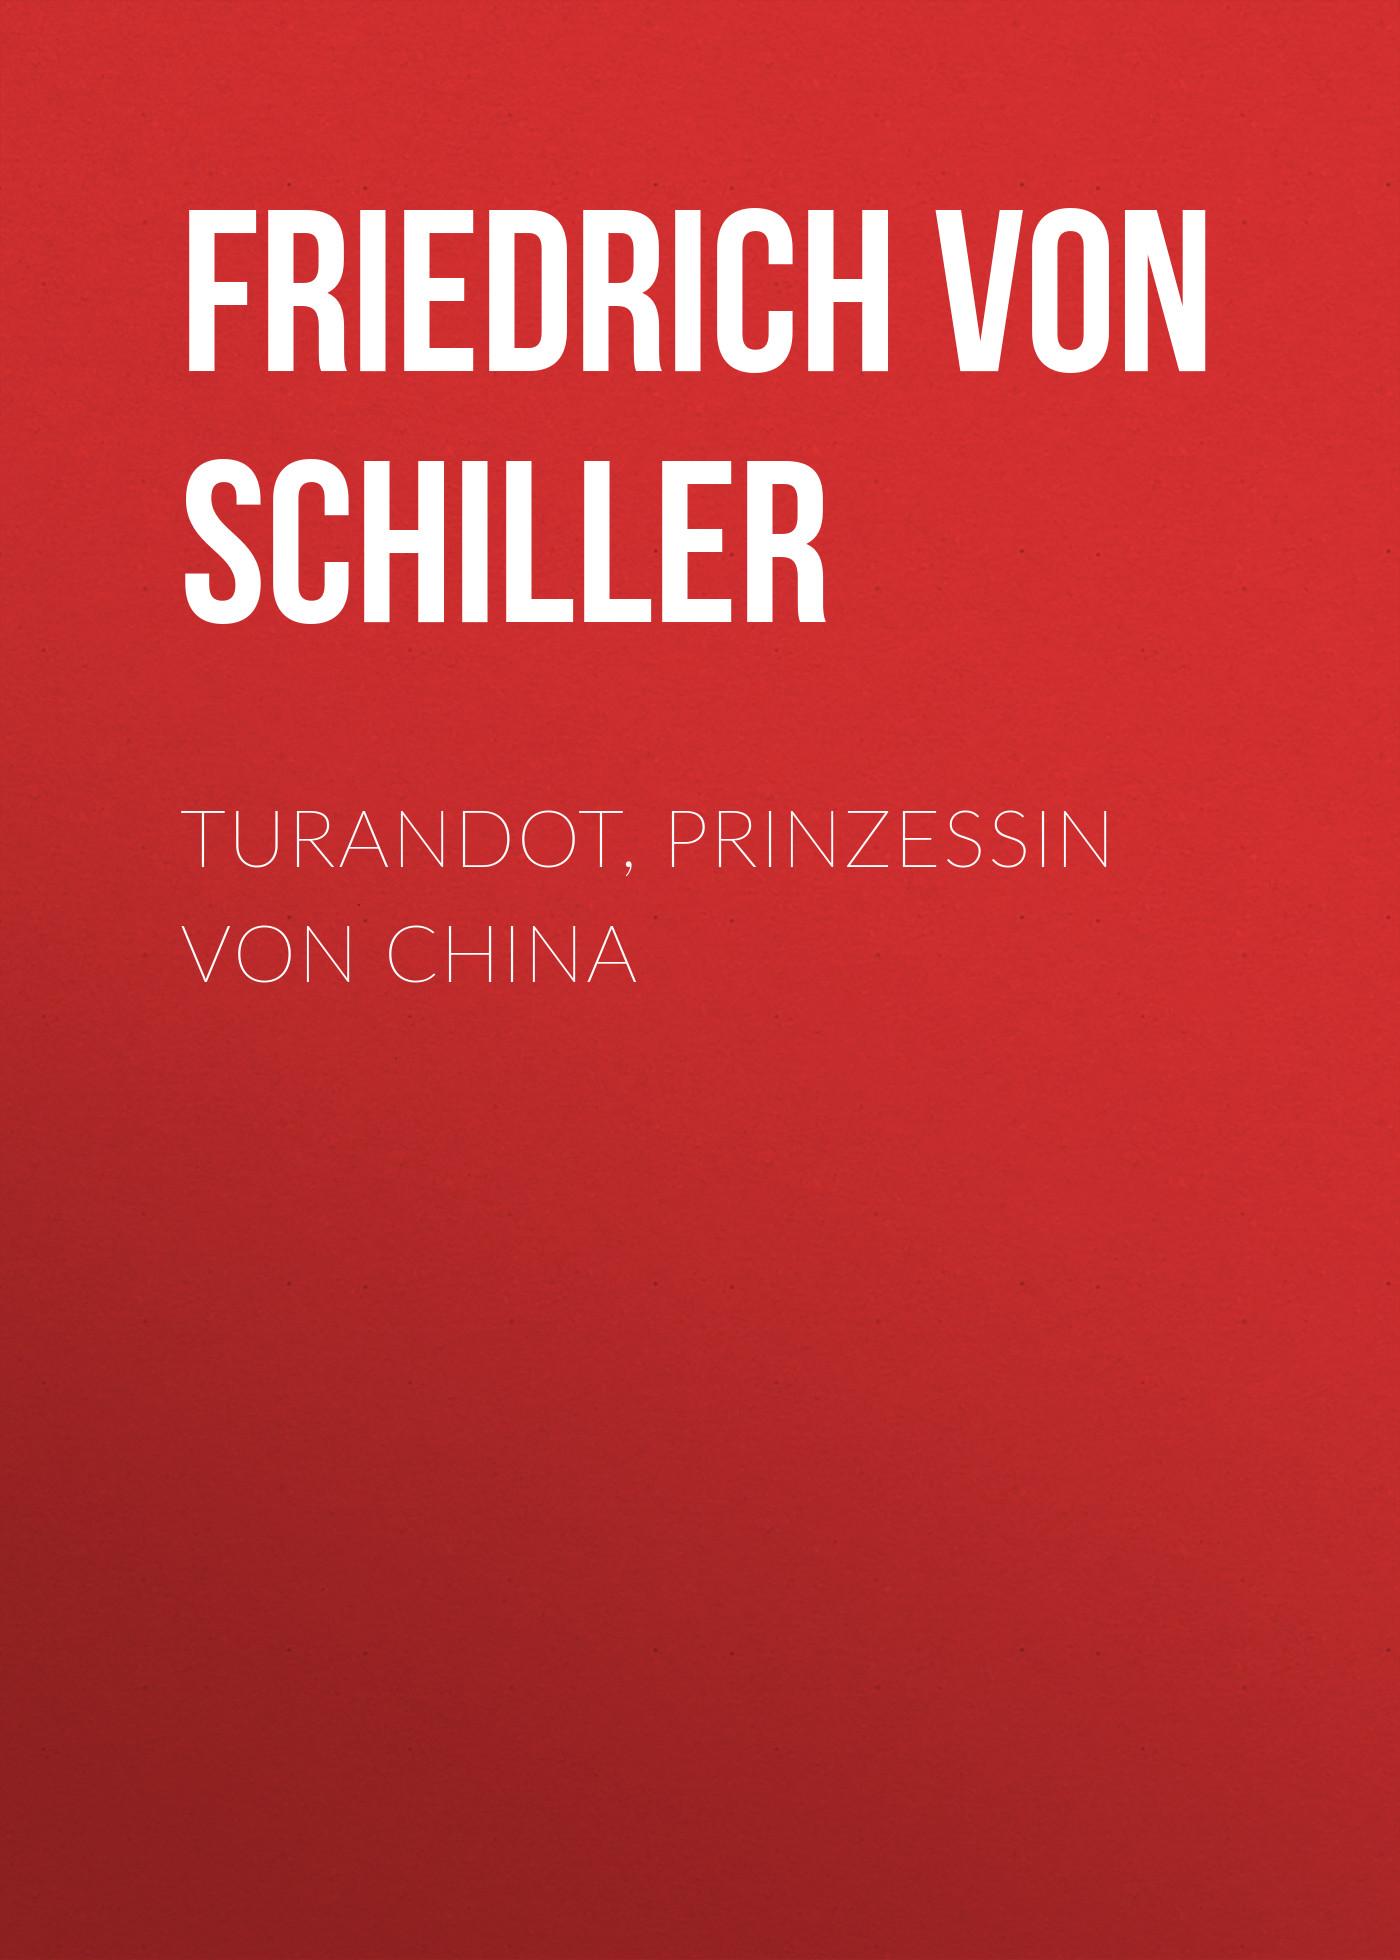 Friedrich von Schiller Turandot, Prinzessin von China пенал prinzessin lillifee 3